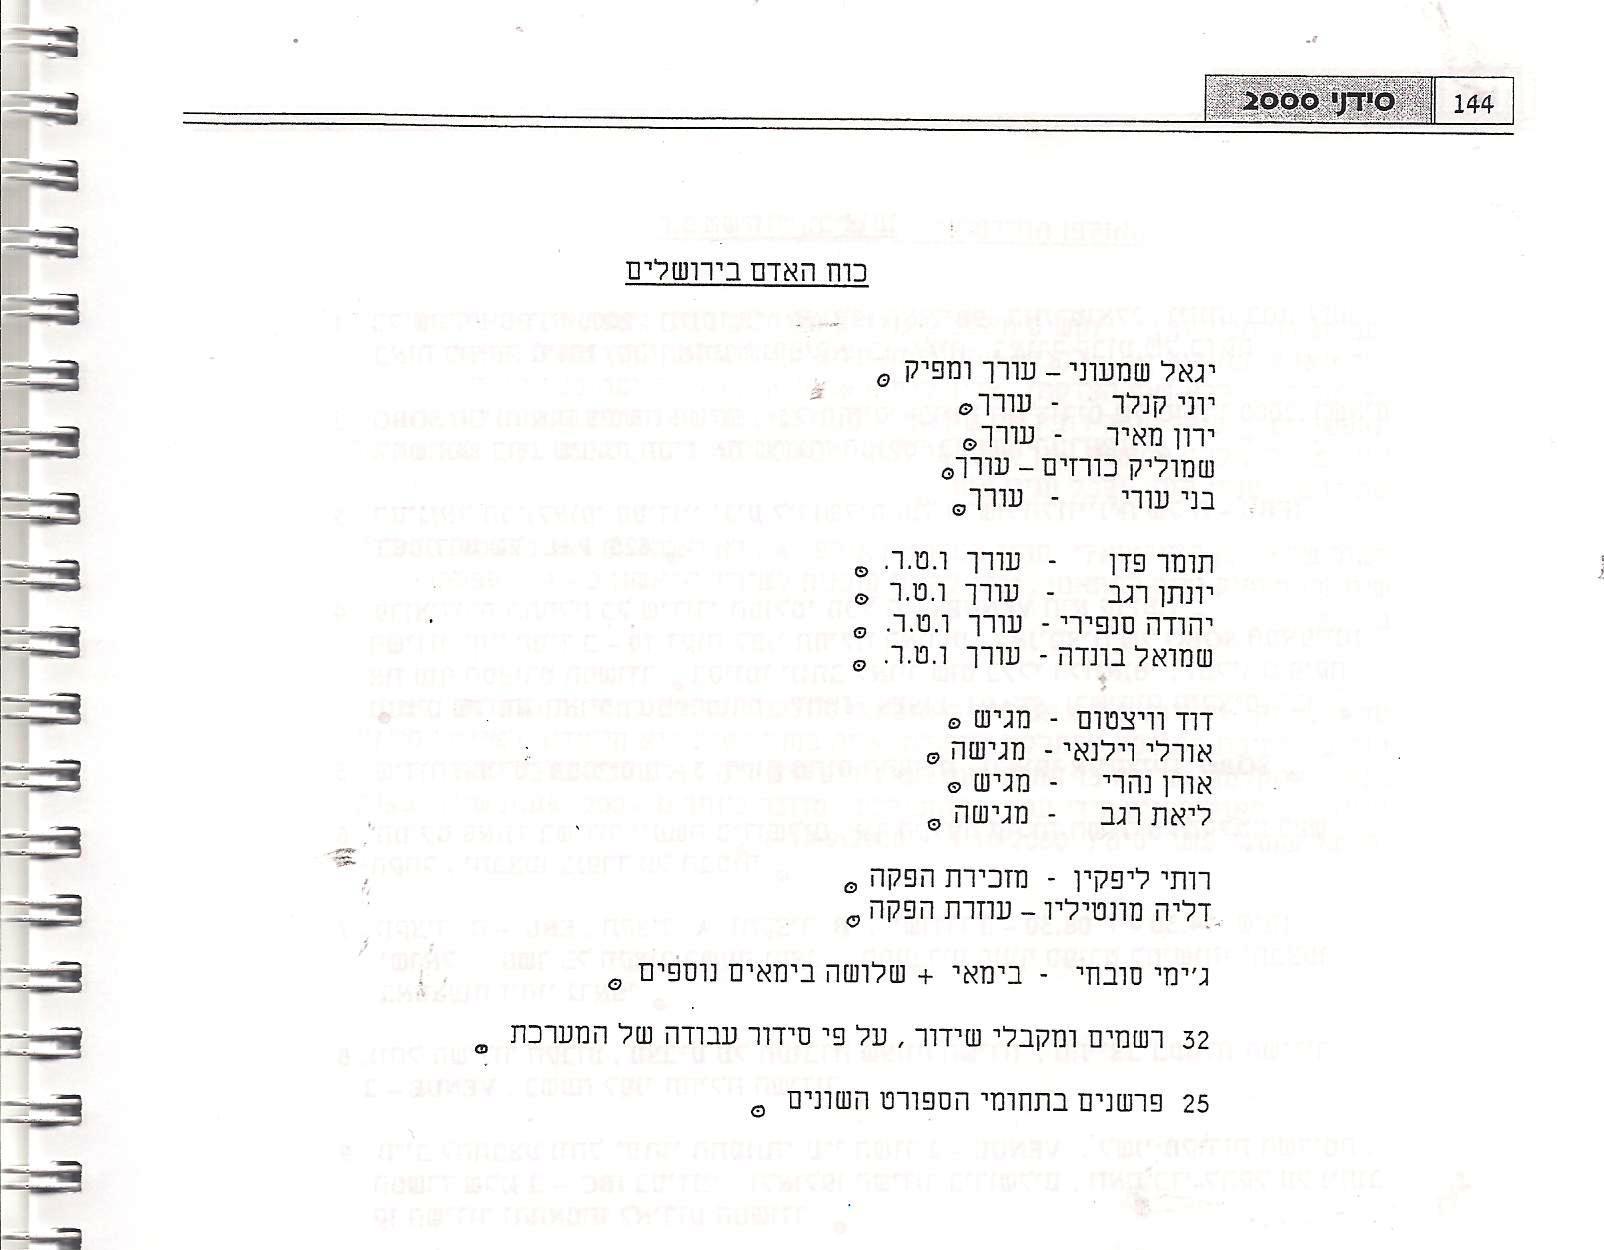 raport 29